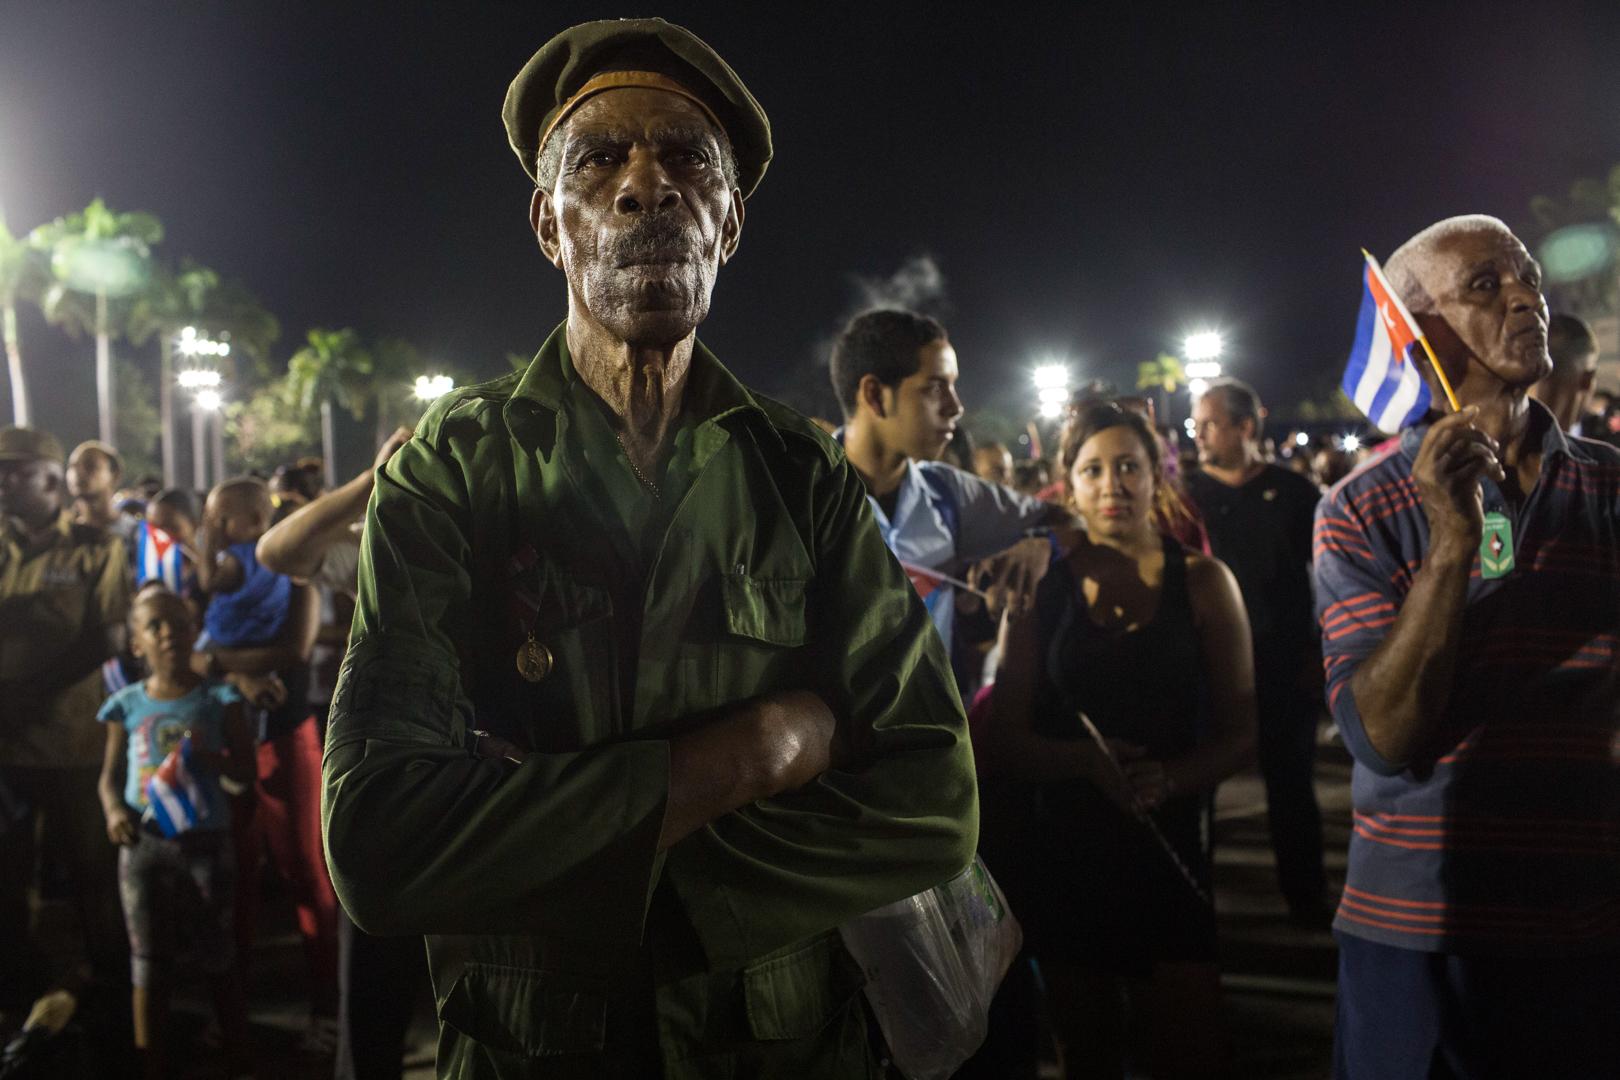 DGUTT_CUBA_Fidel_016_WIP.jpg